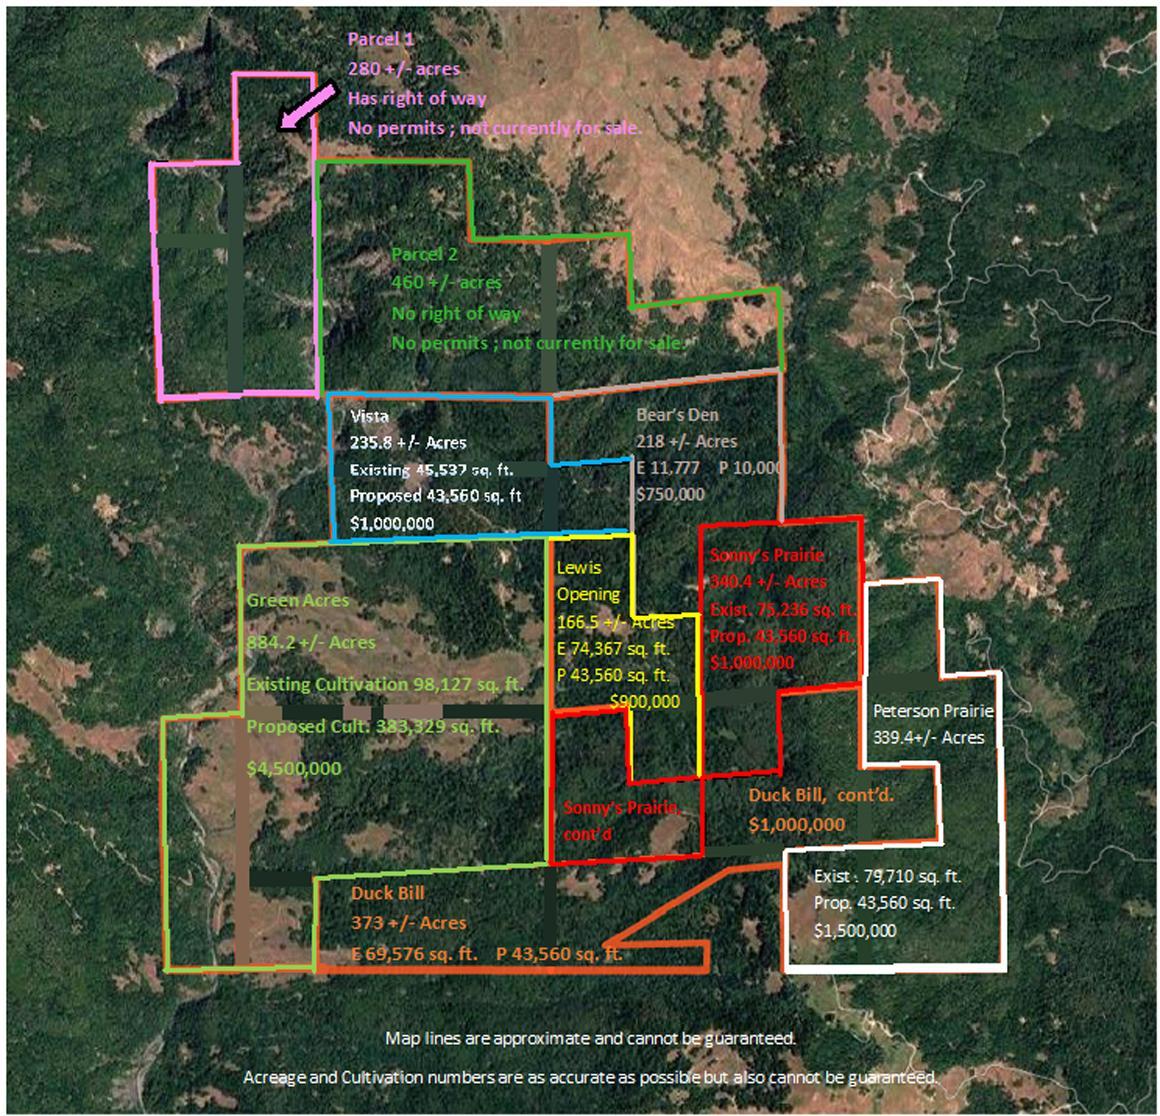 Ranch parcel maps